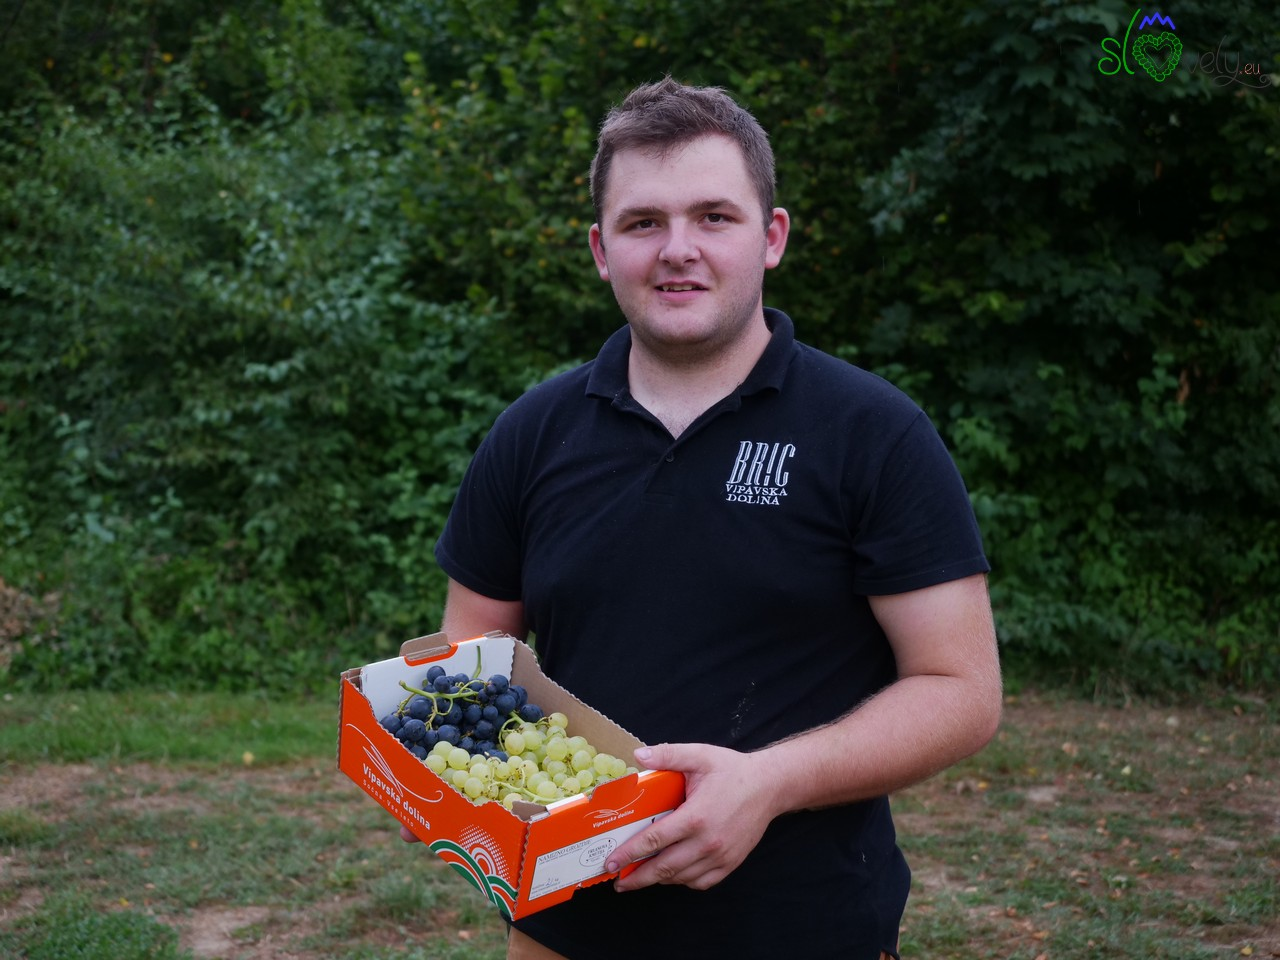 Žan Bric dell'agriturismo Frlanova kmetija di Vogrsko